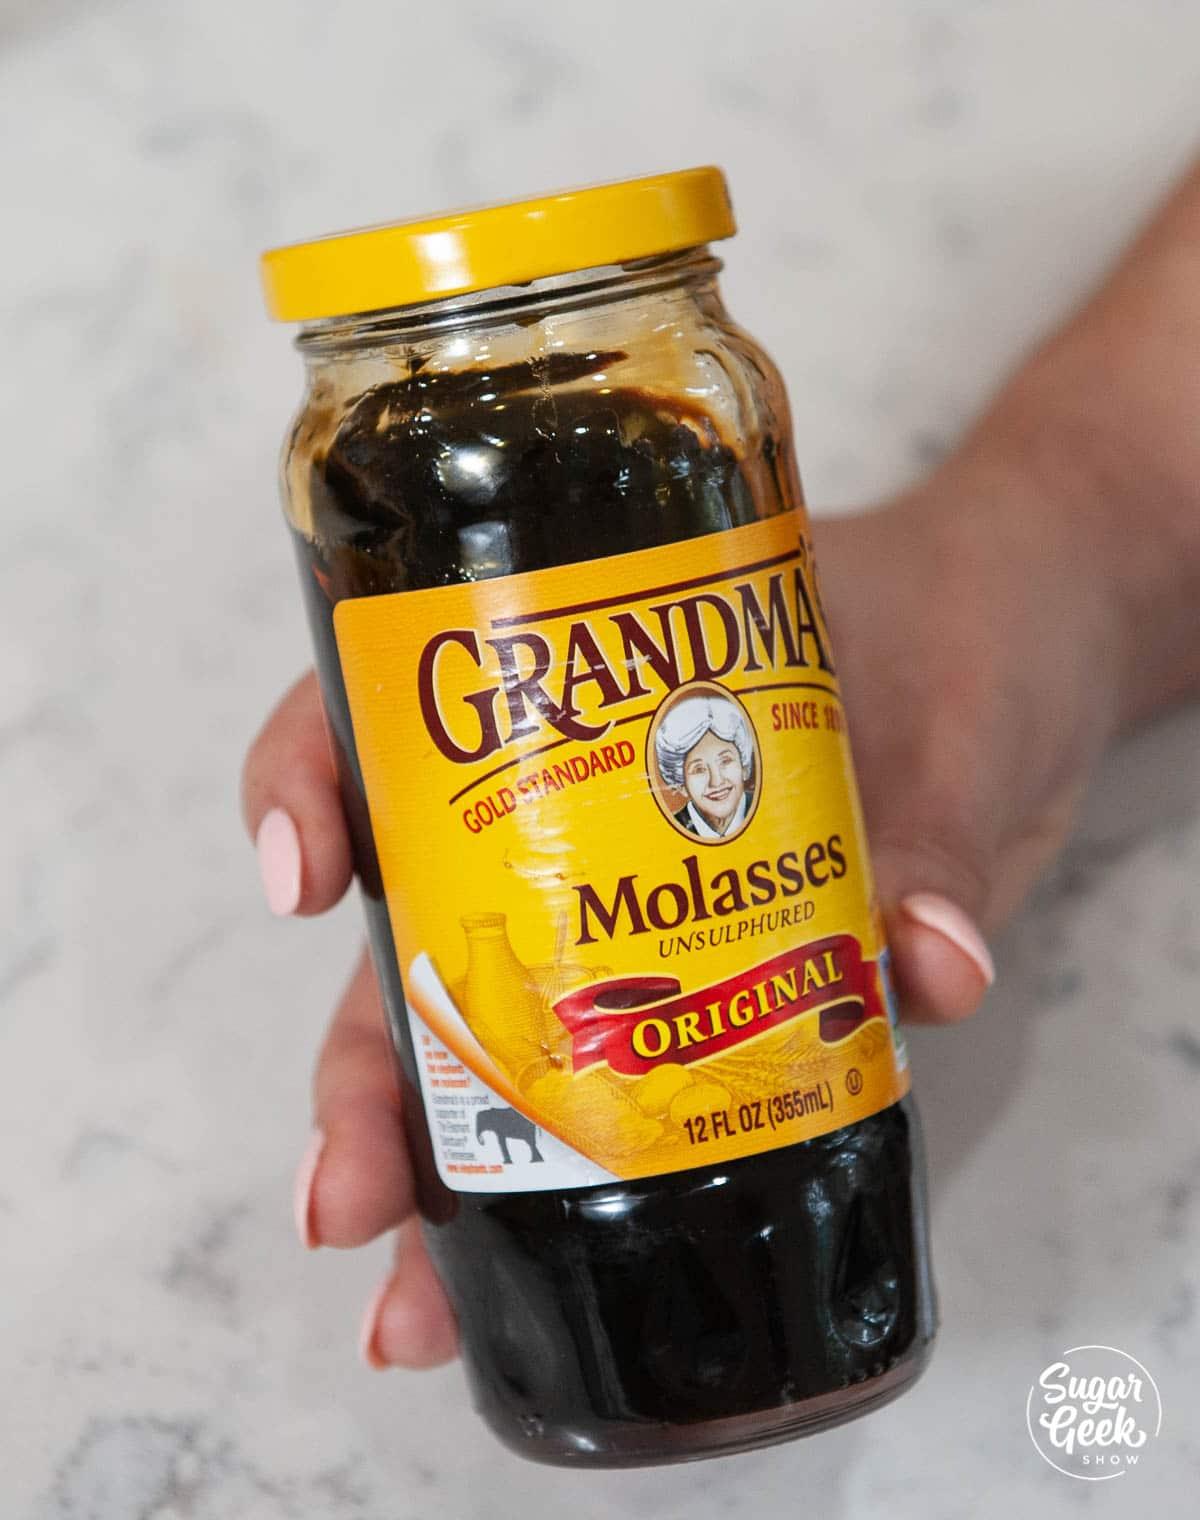 grandmas sulfured molasses in a jar